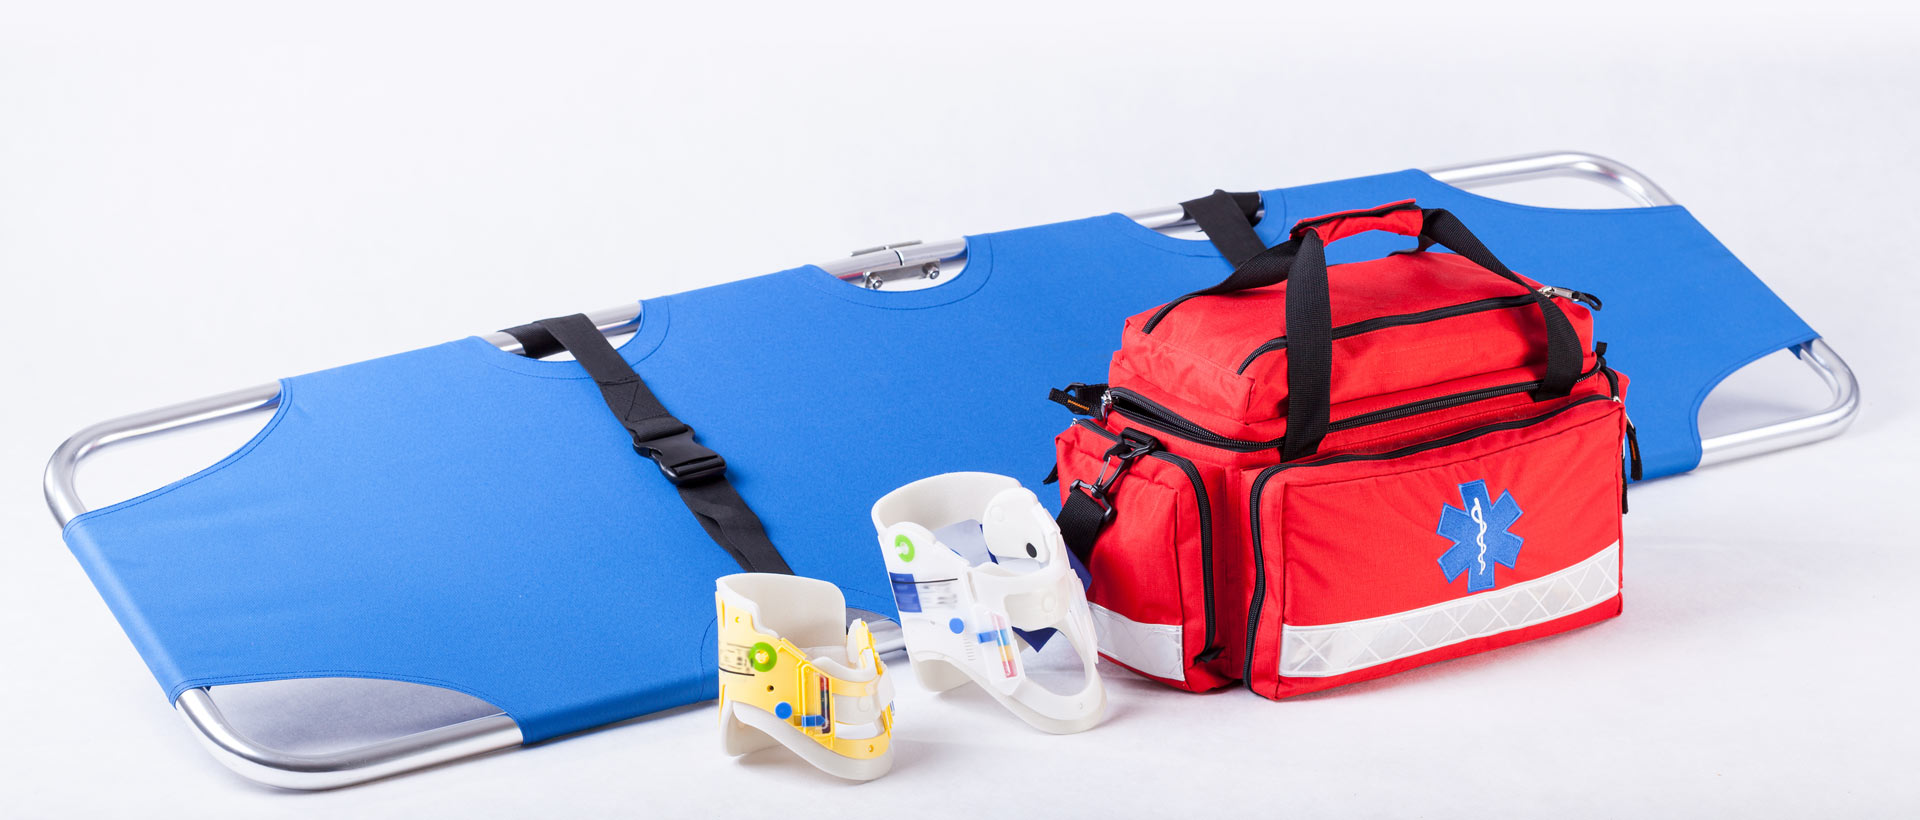 Medic1-Event-Medics